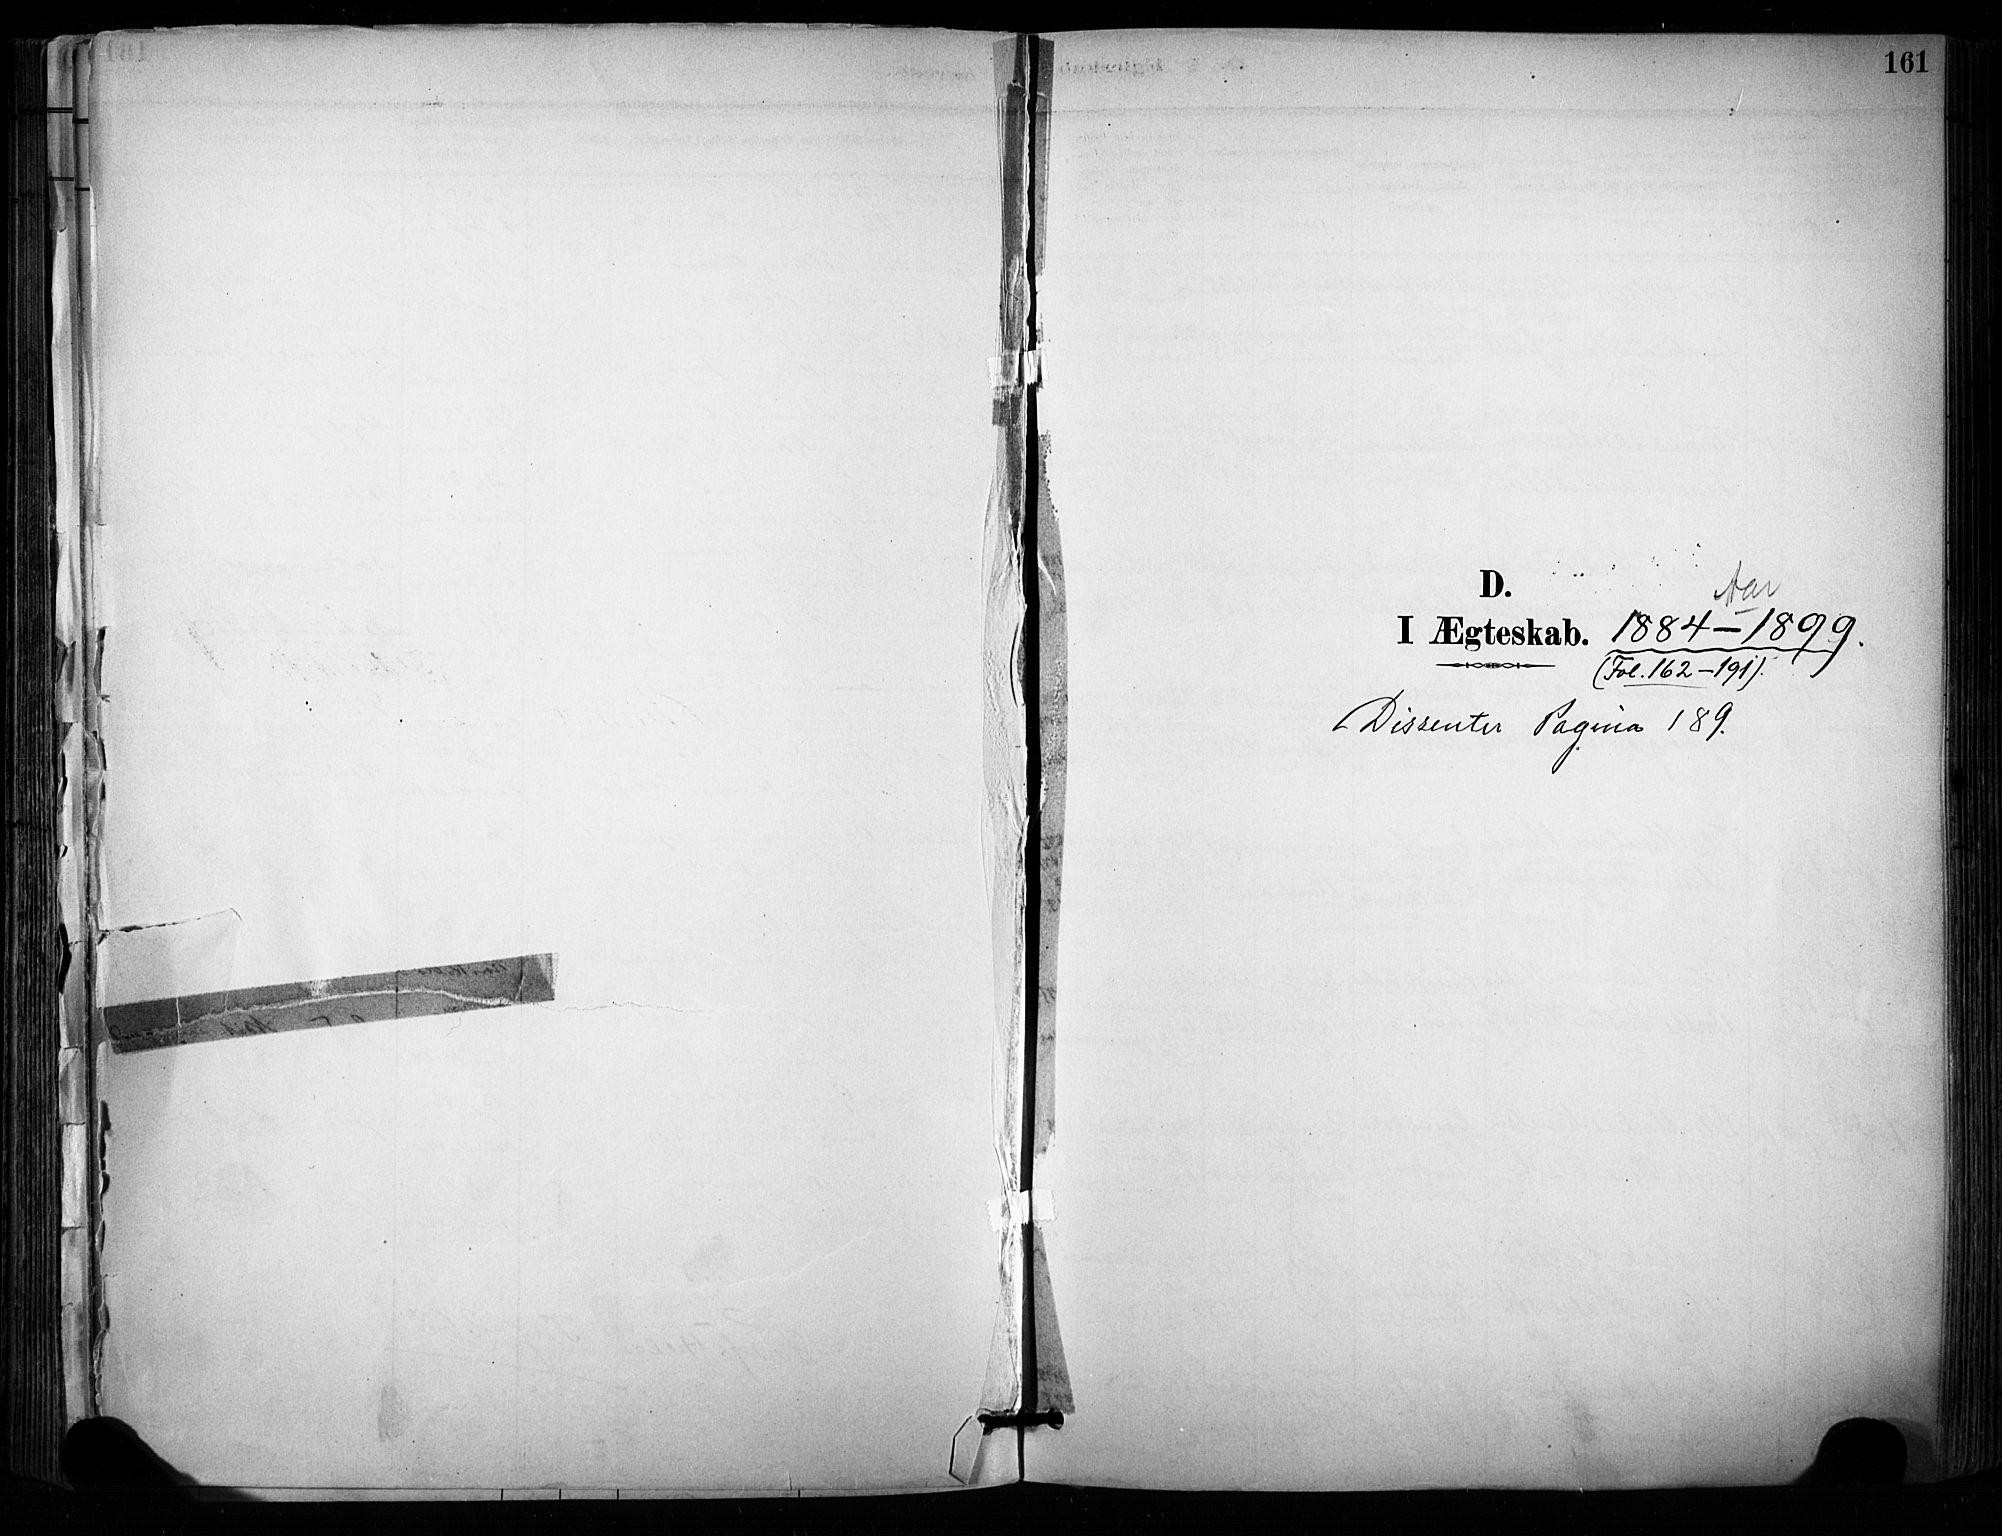 SAKO, Sannidal kirkebøker, F/Fa/L0015: Ministerialbok nr. 15, 1884-1899, s. 161